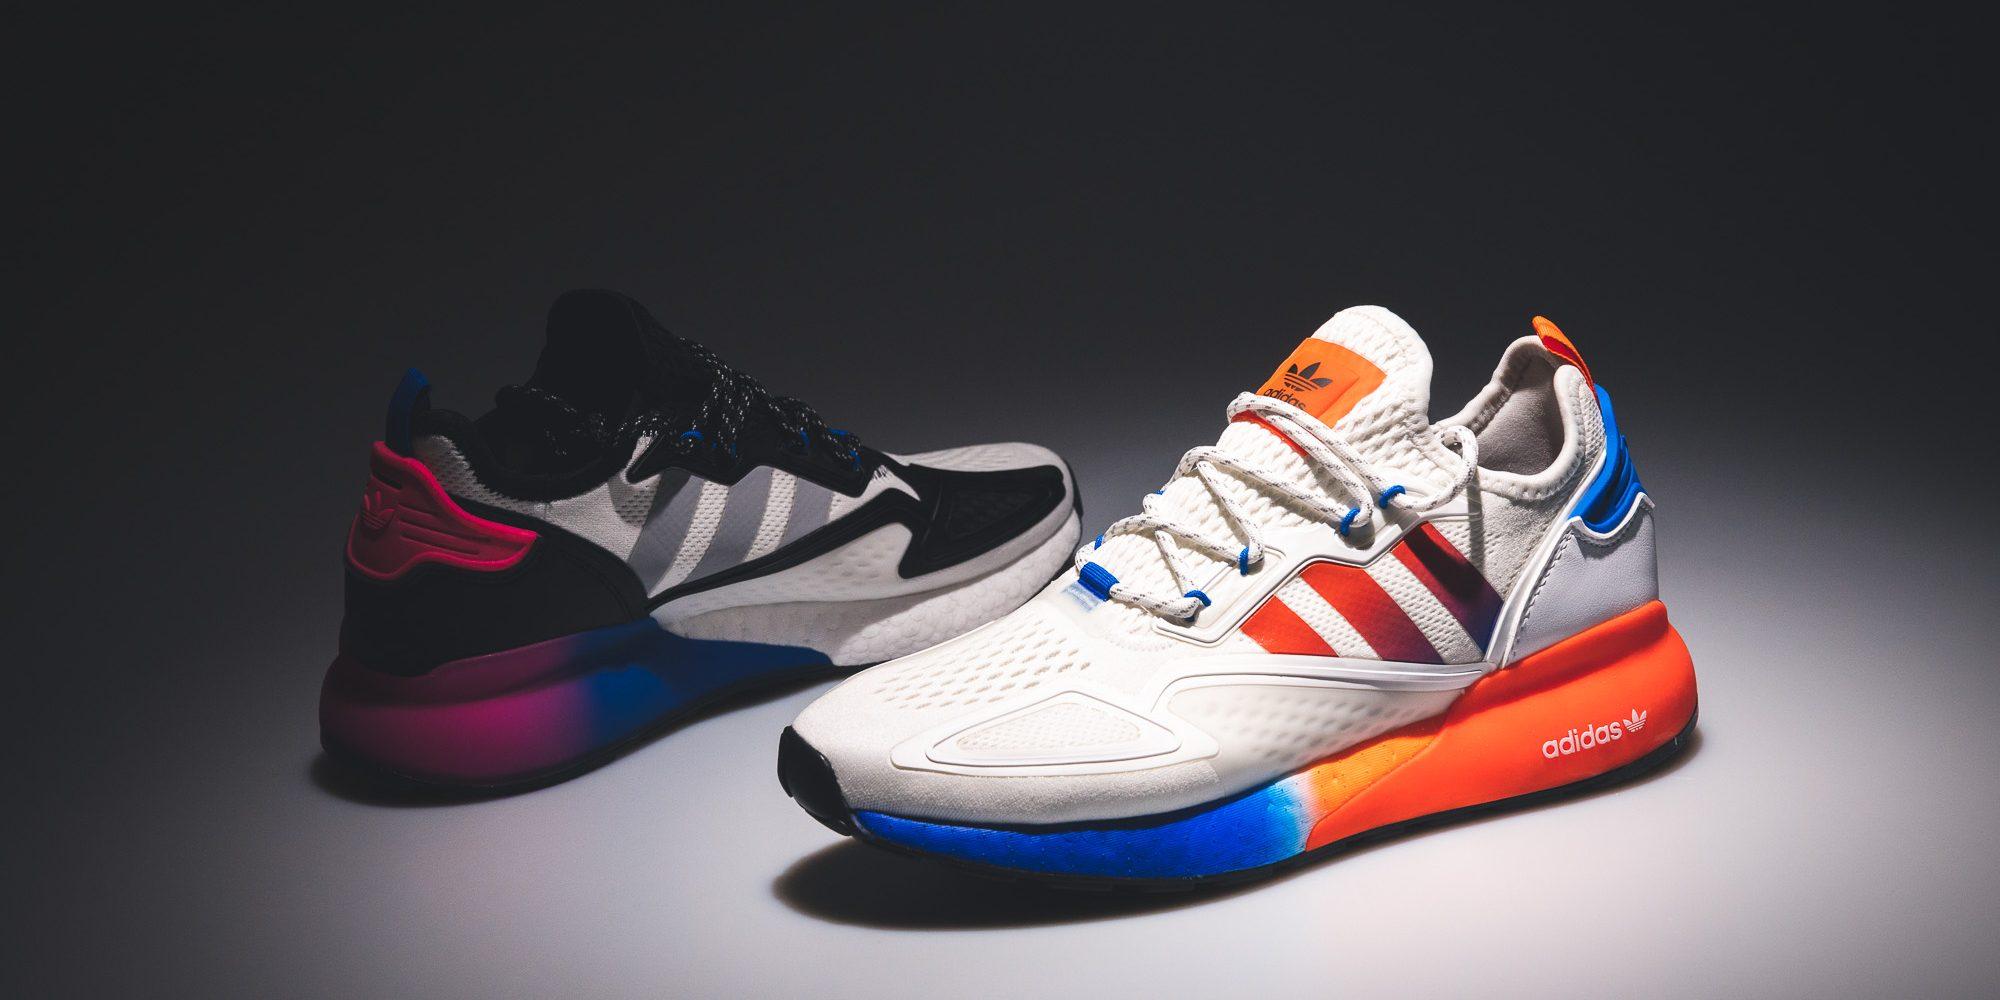 20200806 adidas zx 4d 2k c-0206